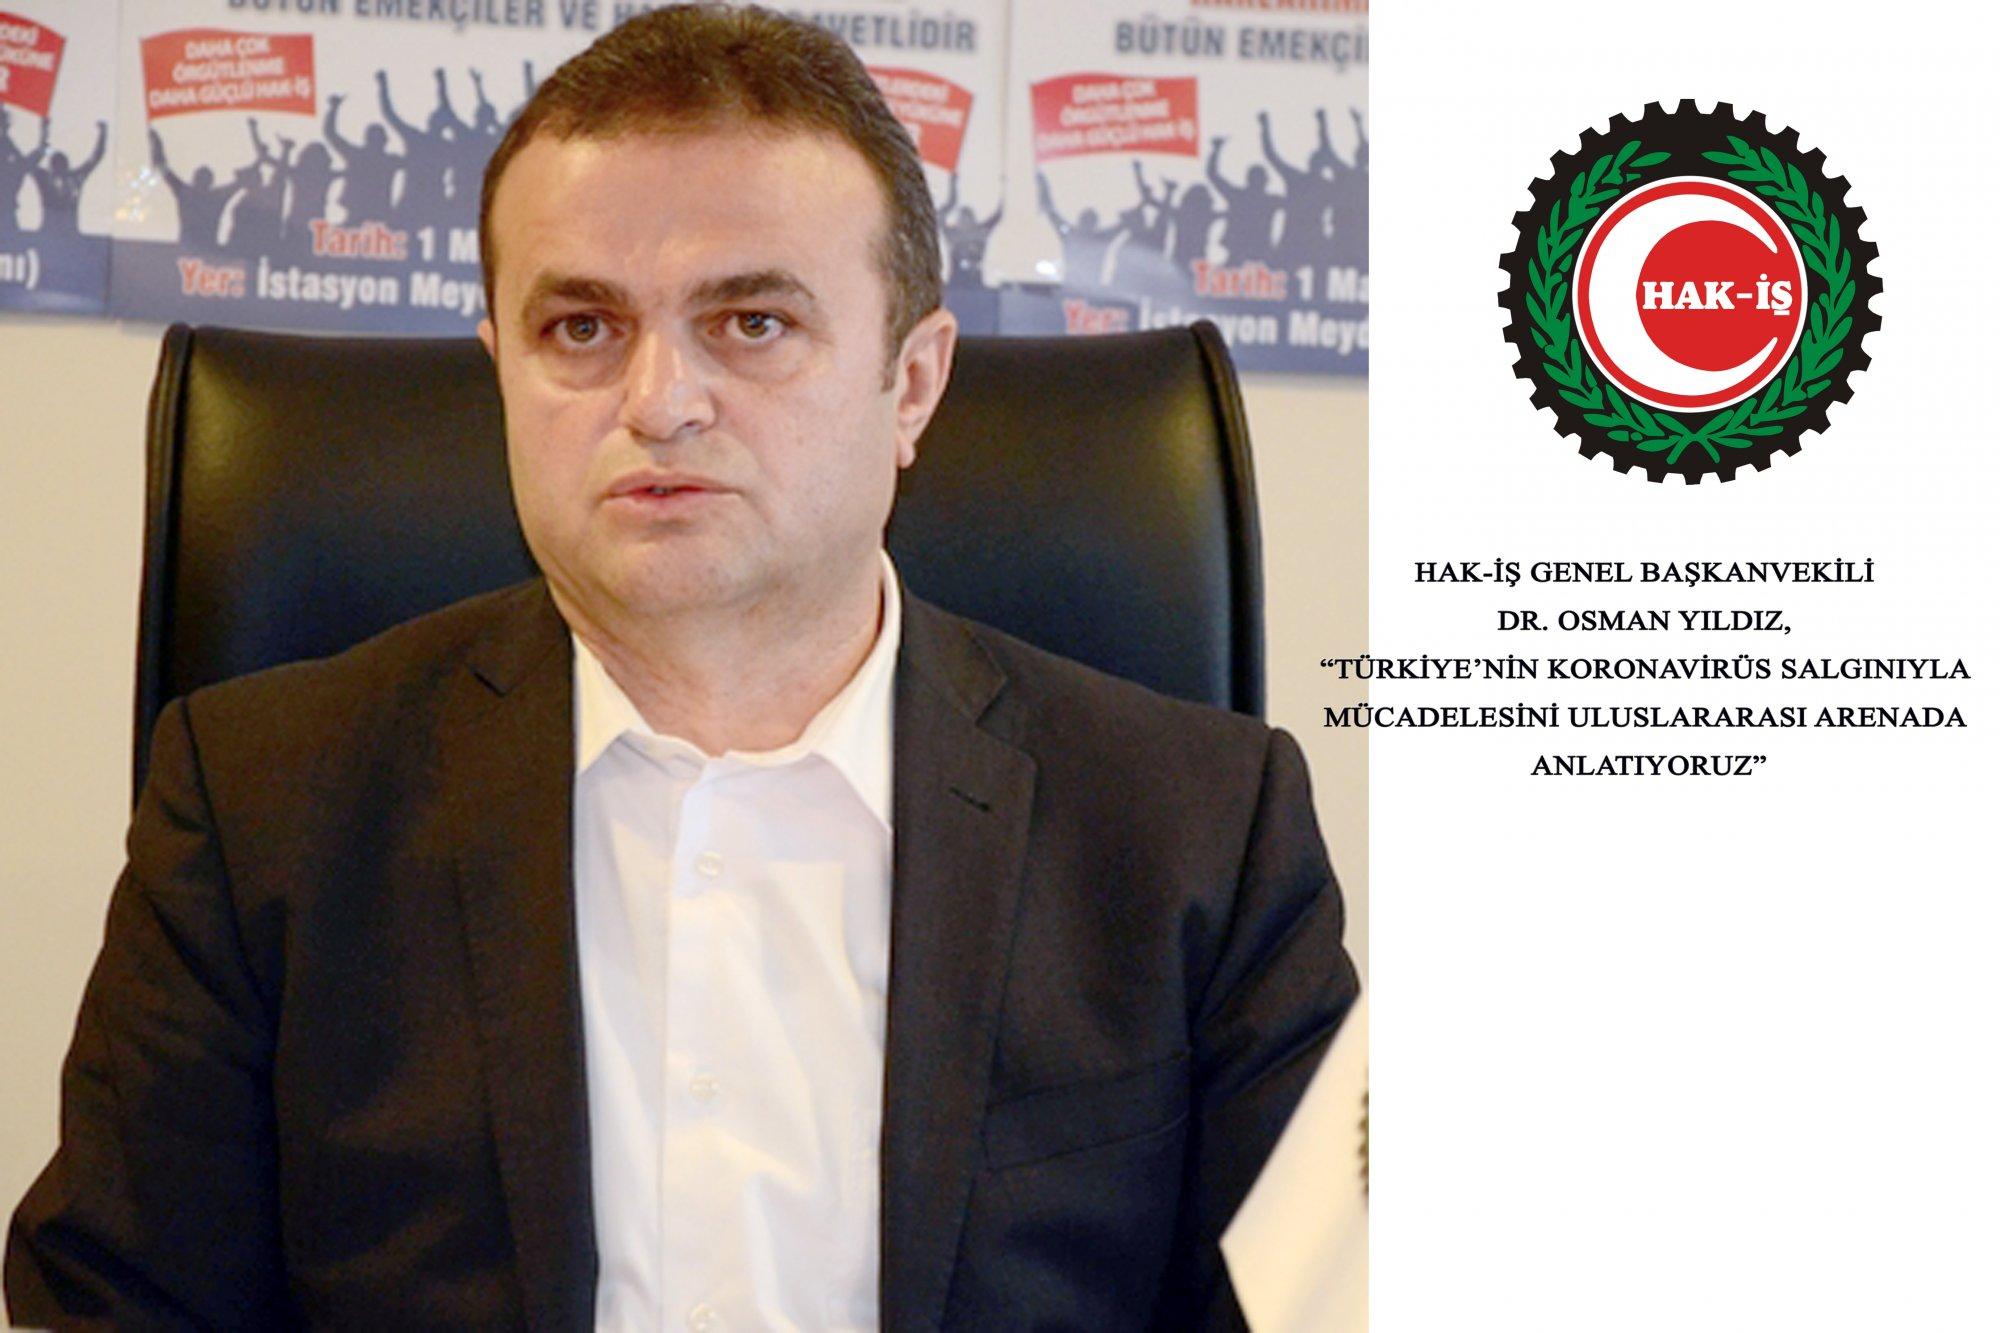 """YILDIZ, """"TÜRKİYE'NİN KORONAVİRÜS SALGINIYLA MÜCADELESİNİ ULUSLARARASI ARENADA ANLATIYORUZ"""""""